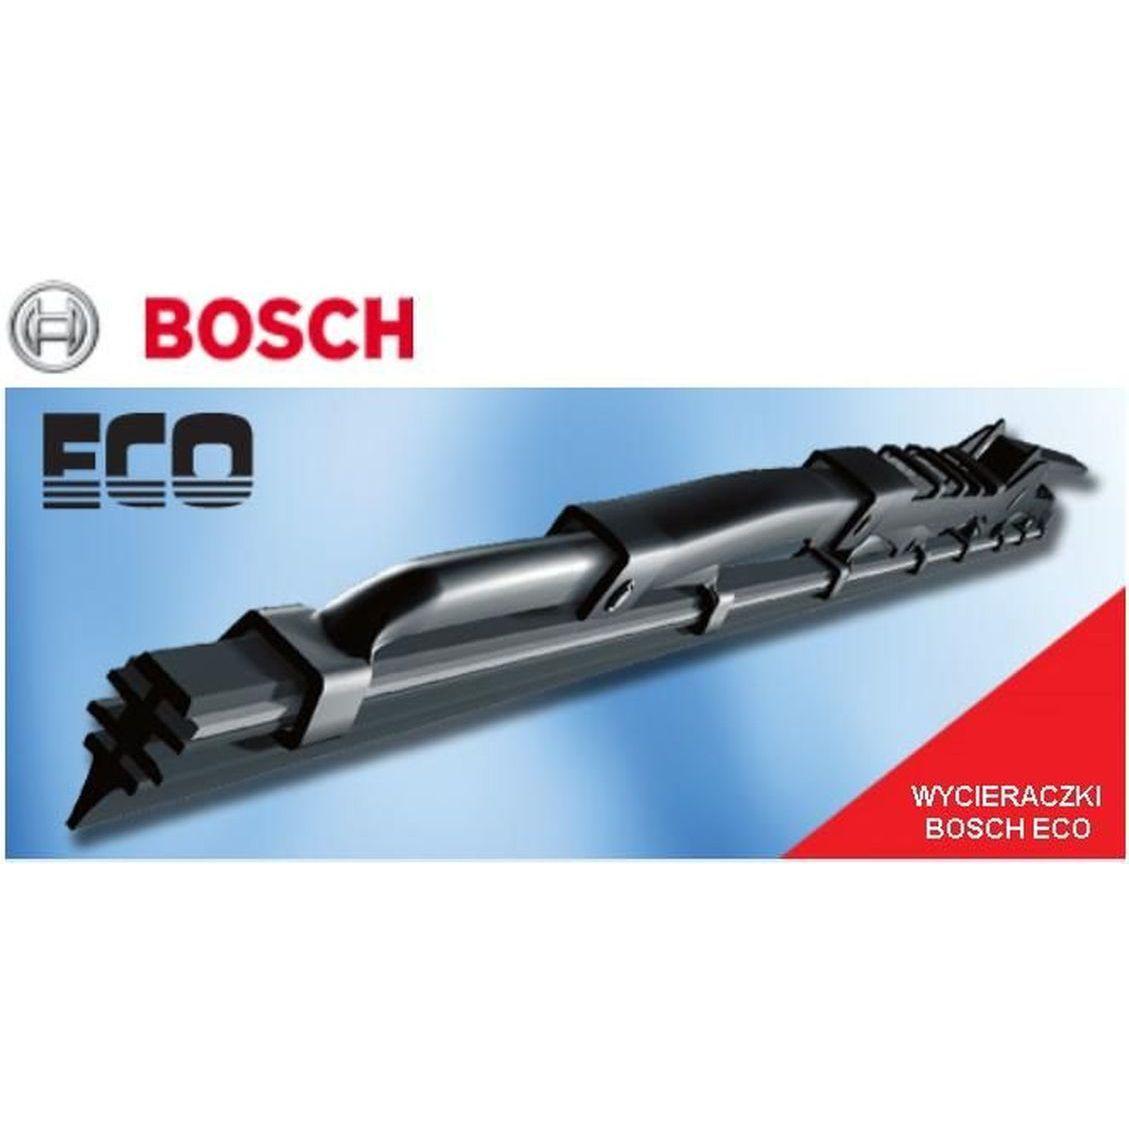 Scheibenwischer Wischerblatt Bosch 3 397 004 668 Eco 45c 450mm 1